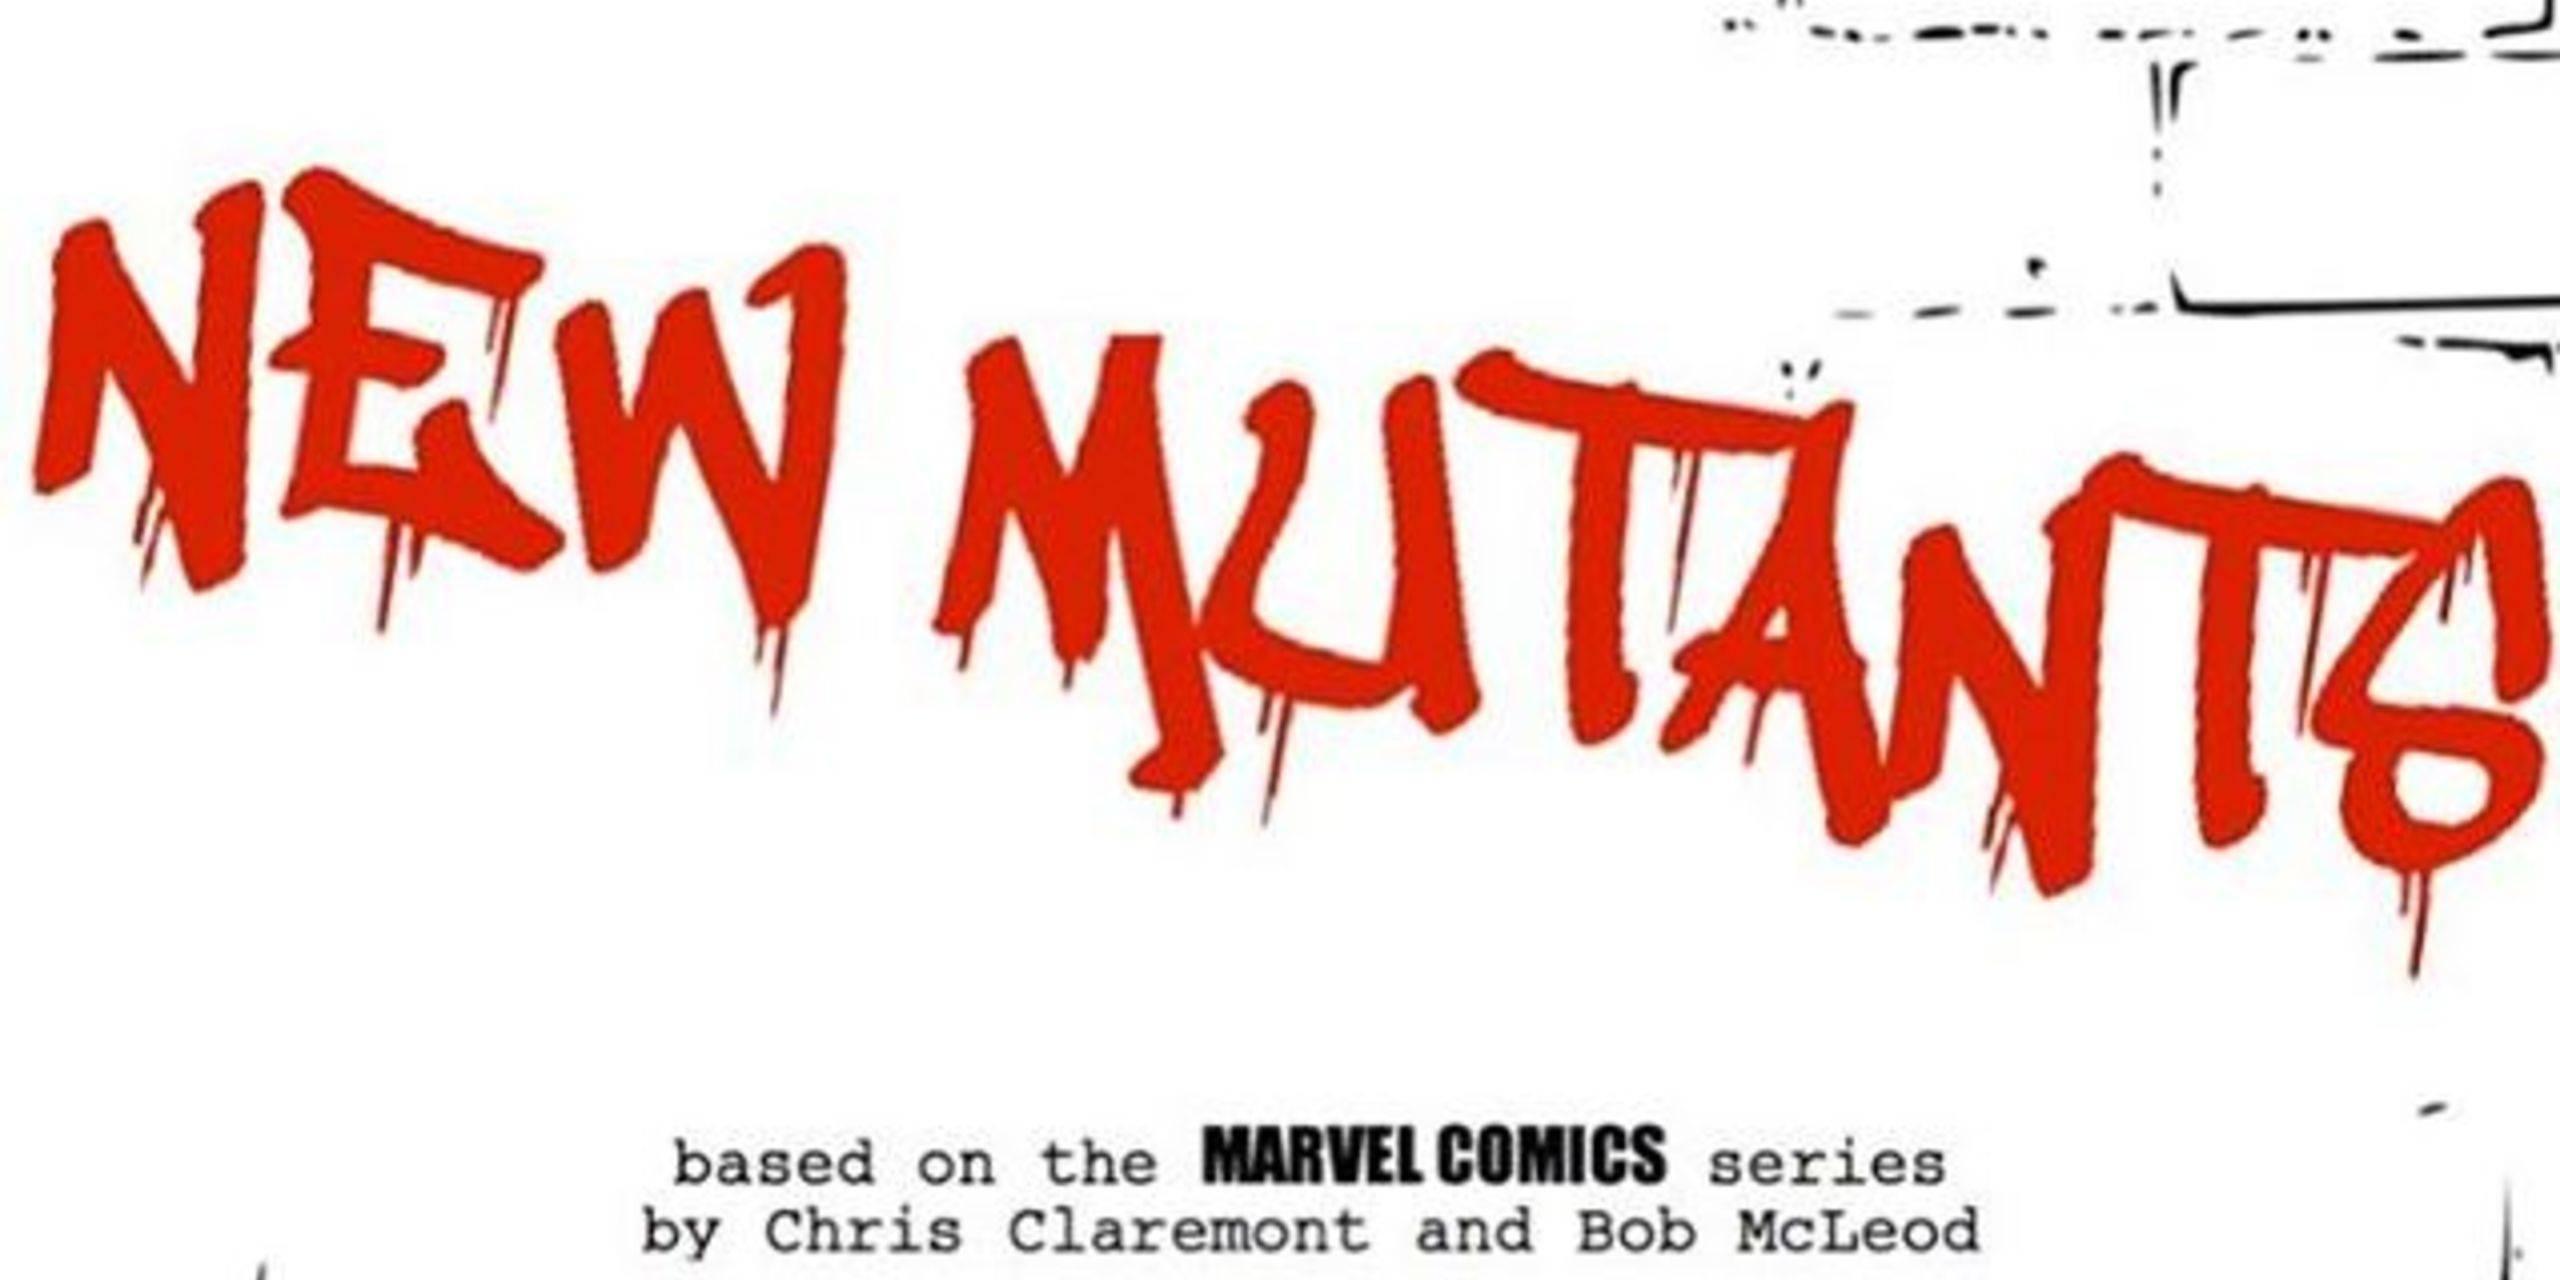 X-Men: New Mutants